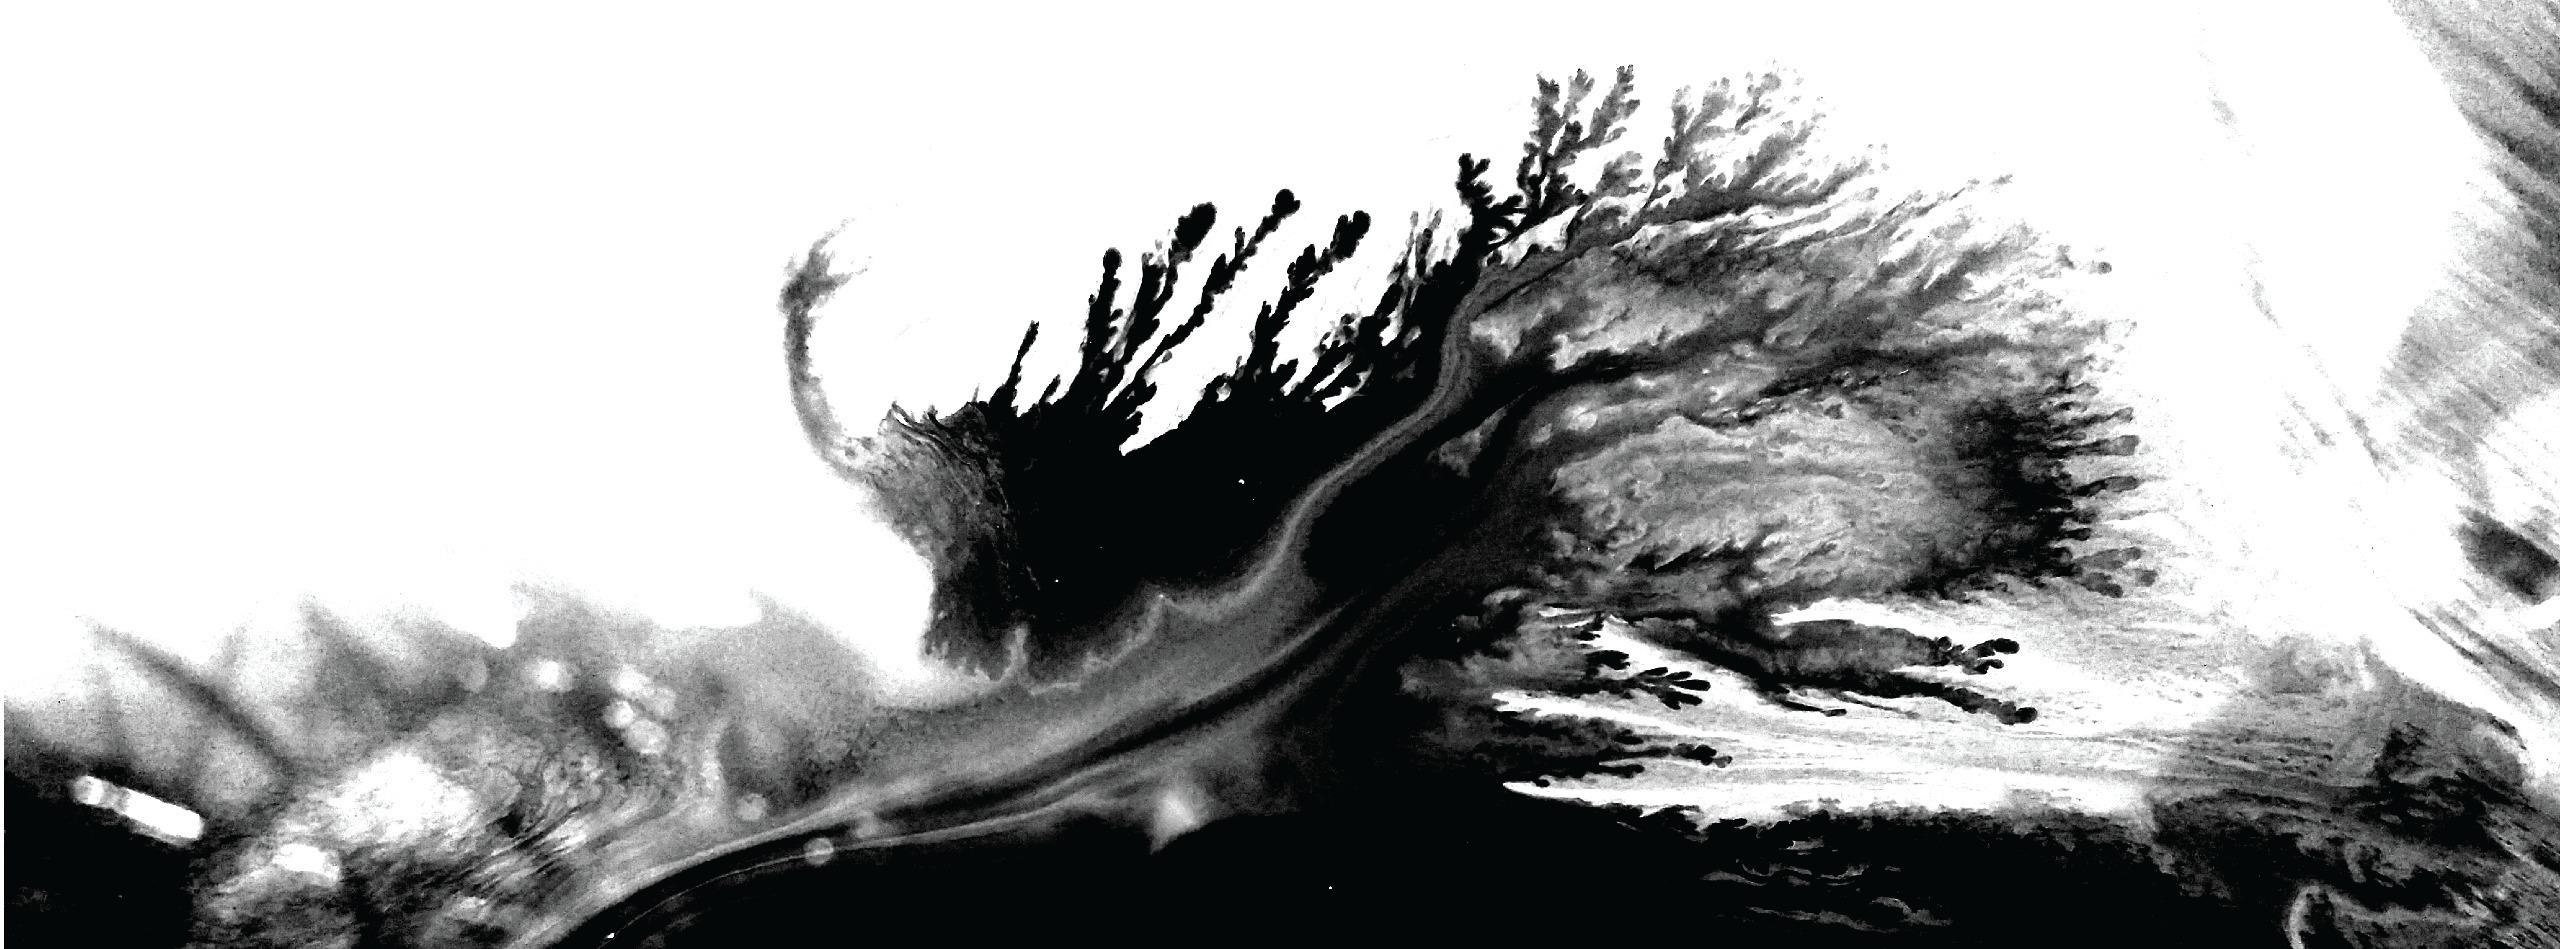 Neto Studio (@netostudio) Cover Image